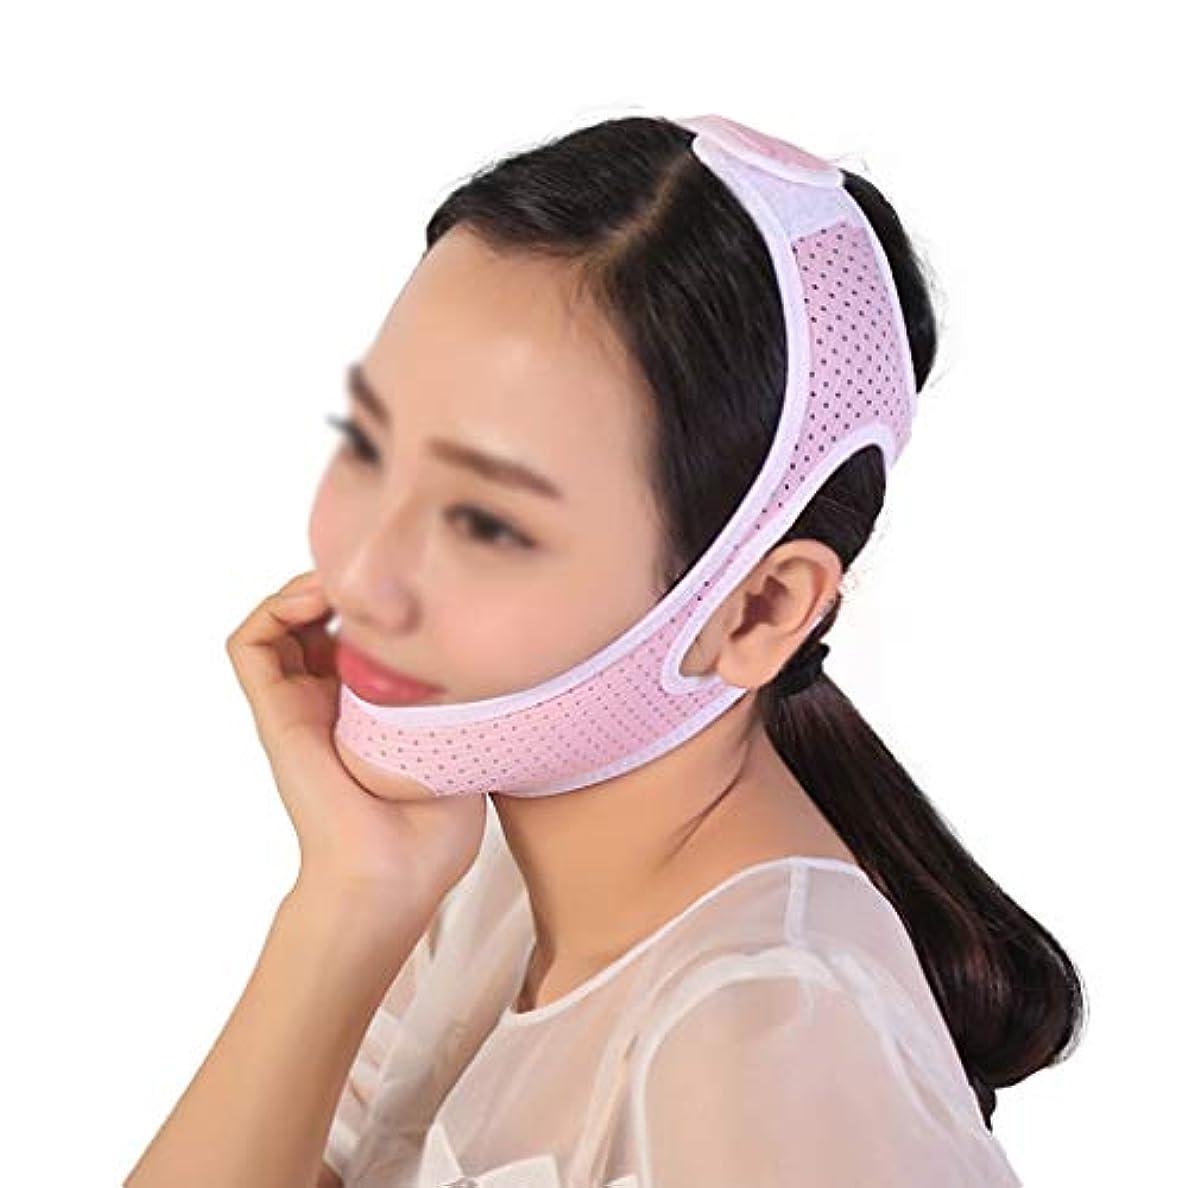 リスありそうマサッチョXHLMRMJ フェイスリフトマスク、顔の皮膚の首のあごのラインを向上させます、リフトフェイス、シンチークマスク、シンチンチークシンV(ピンク) (Size : L)